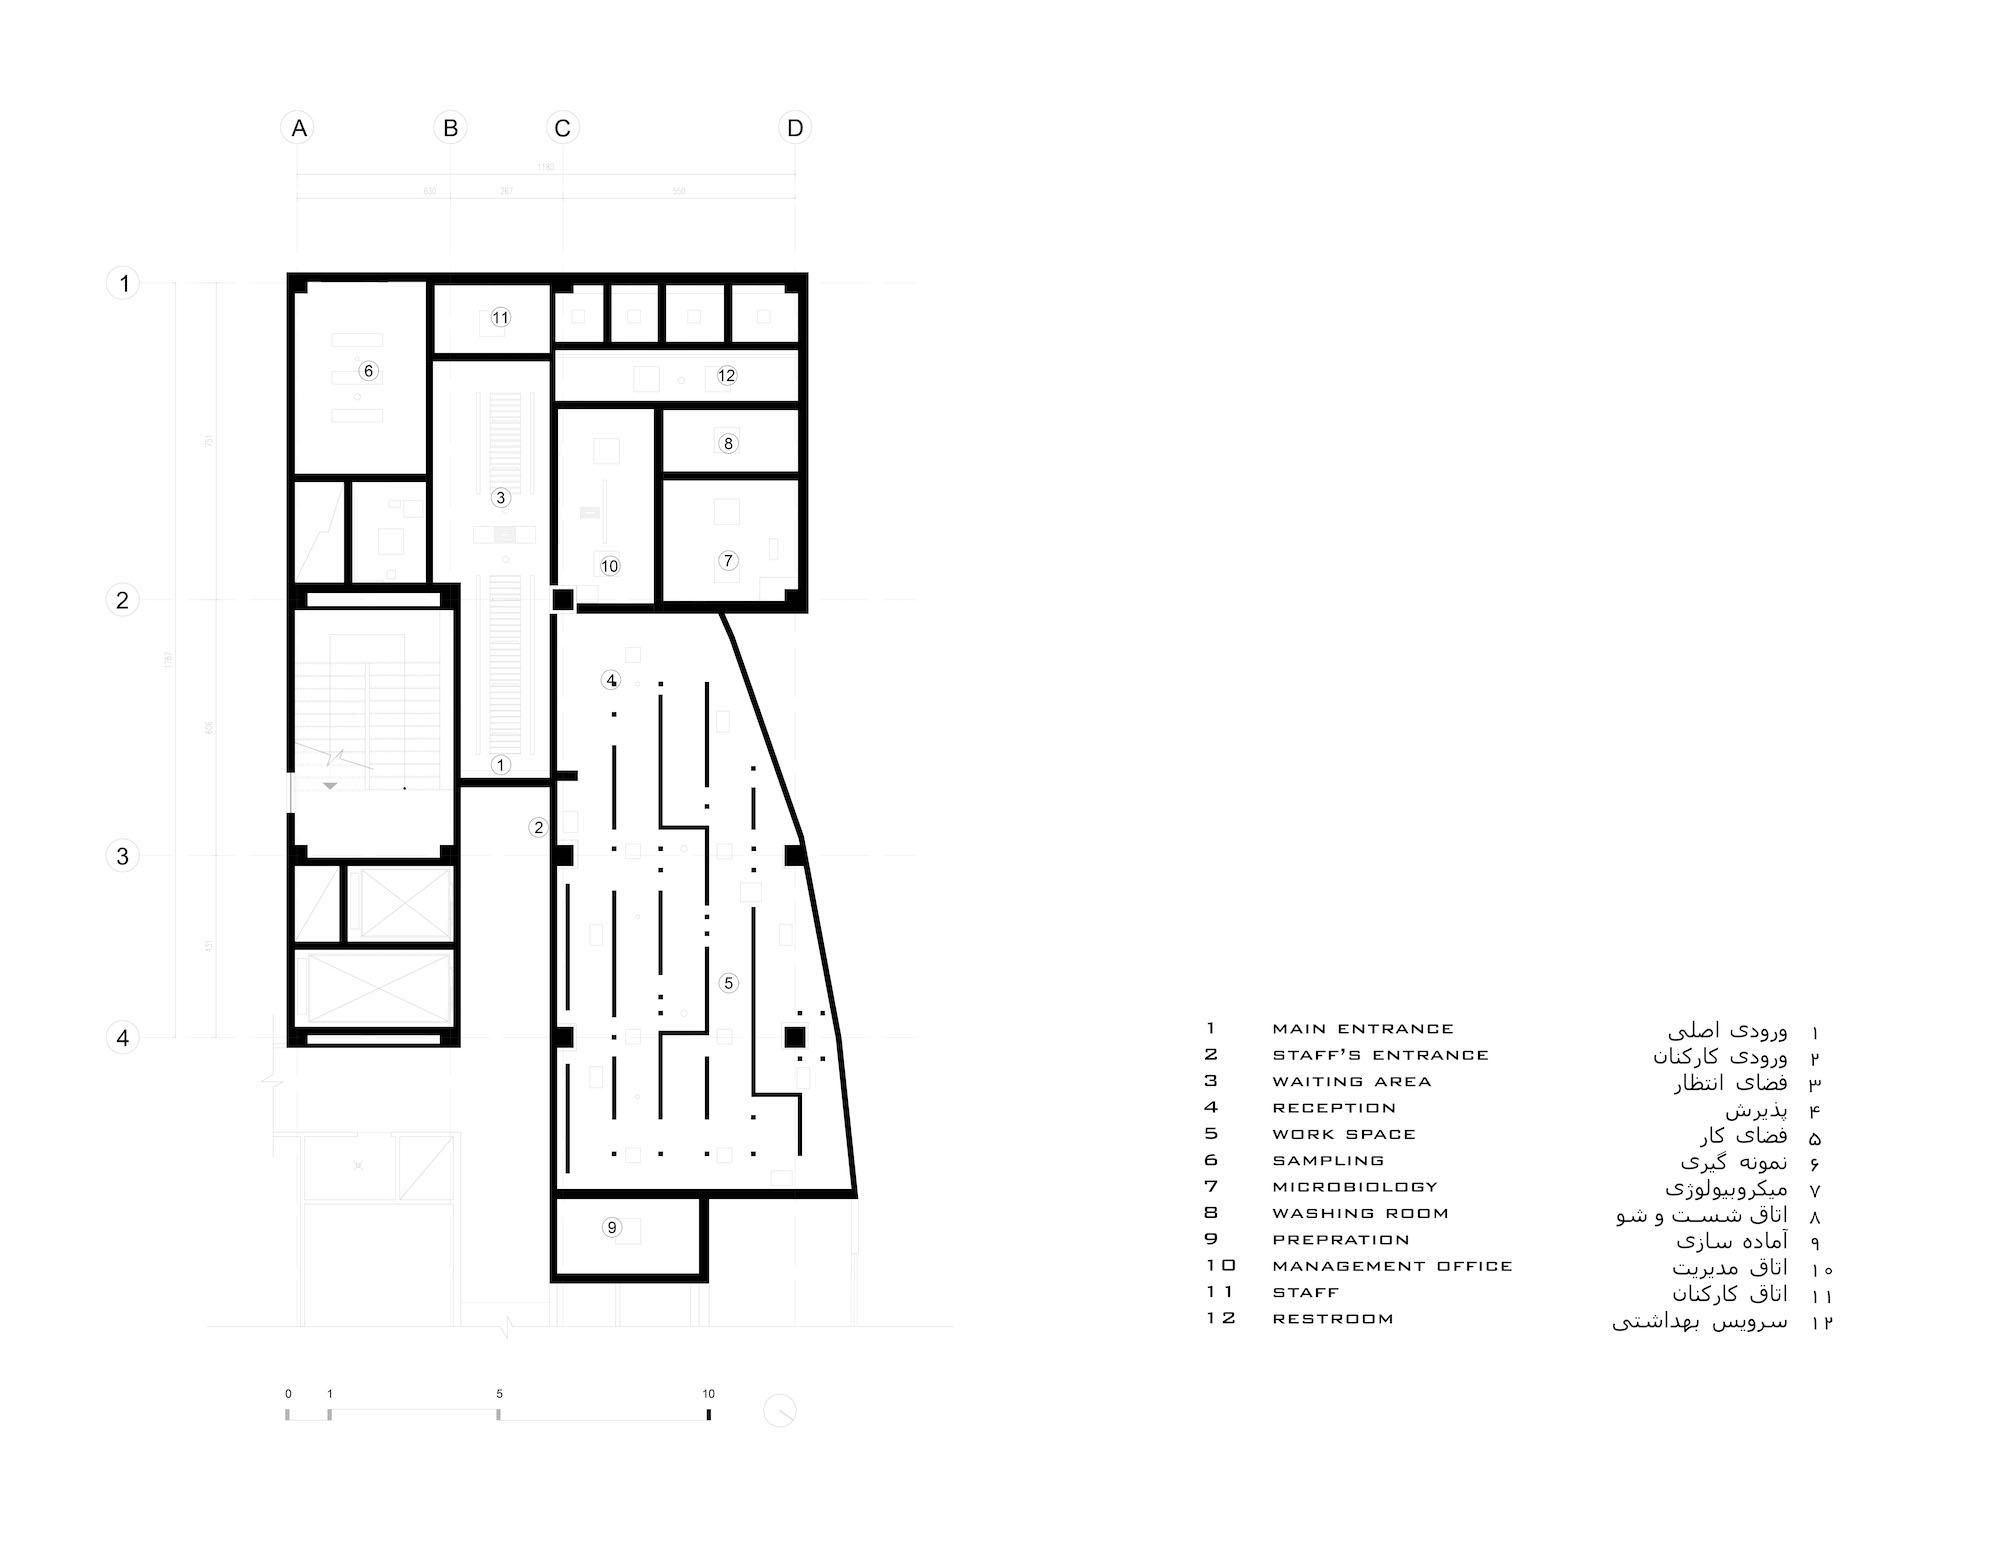 ceiling floor plan